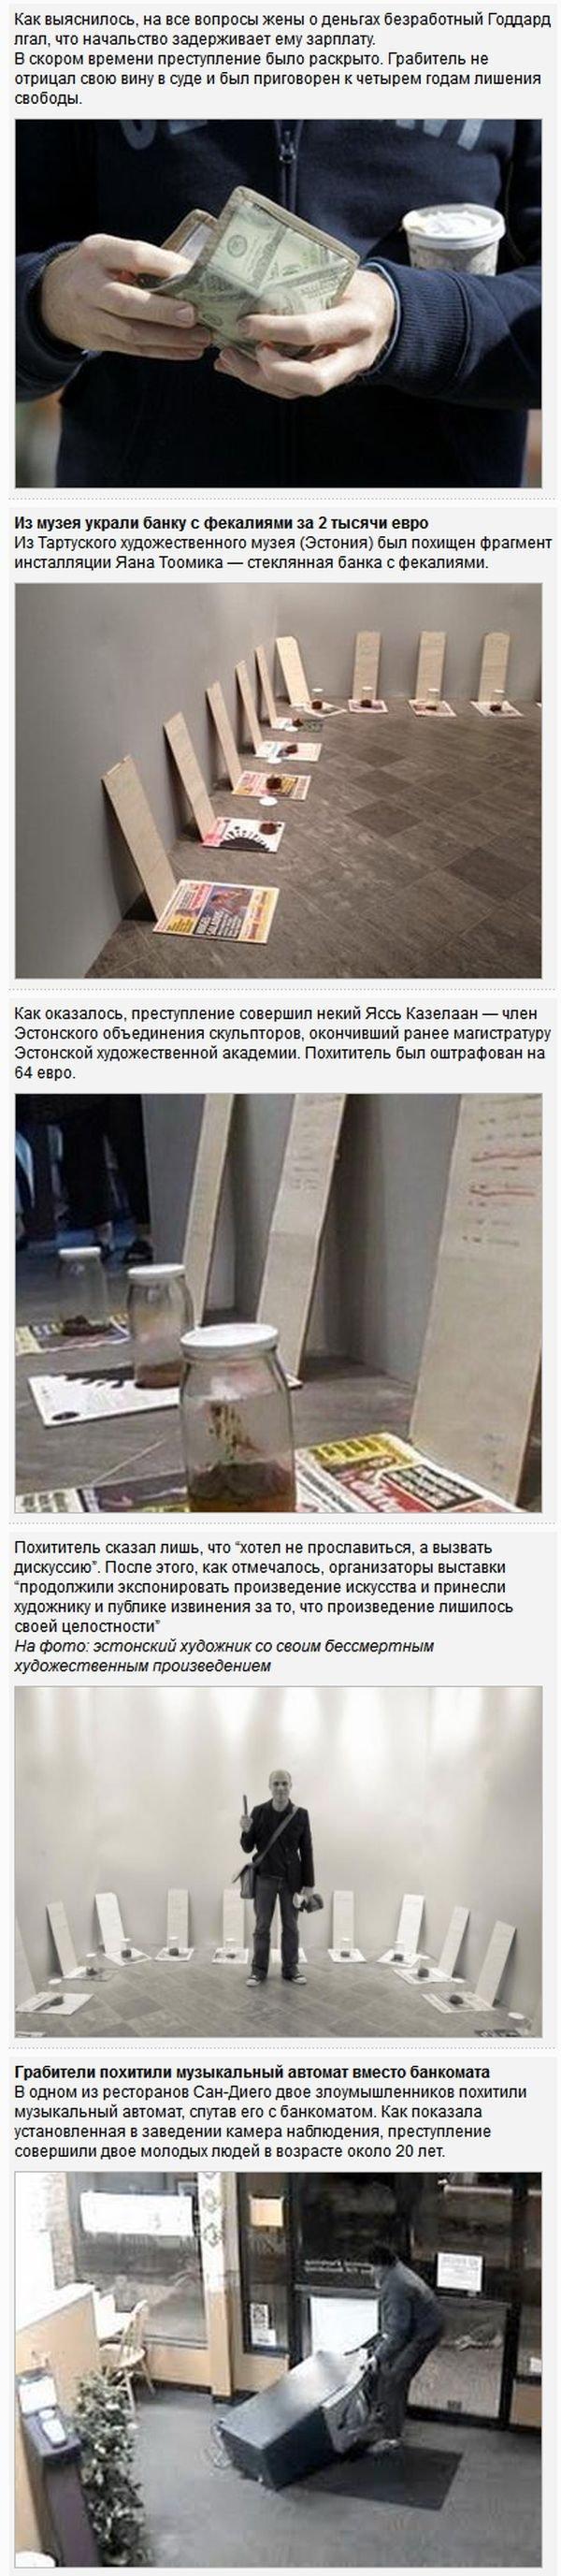 Необычные правонарушения 2013 года(7 фото)